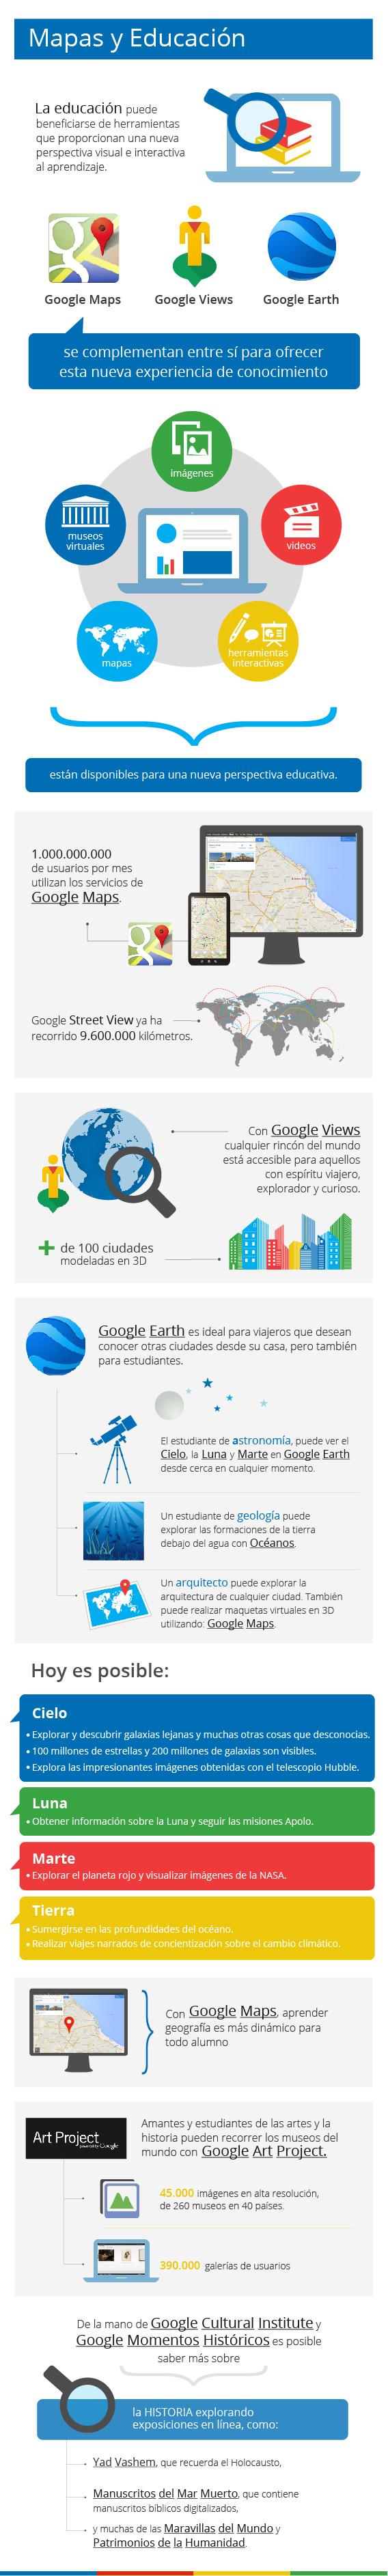 Google: mapas y educación